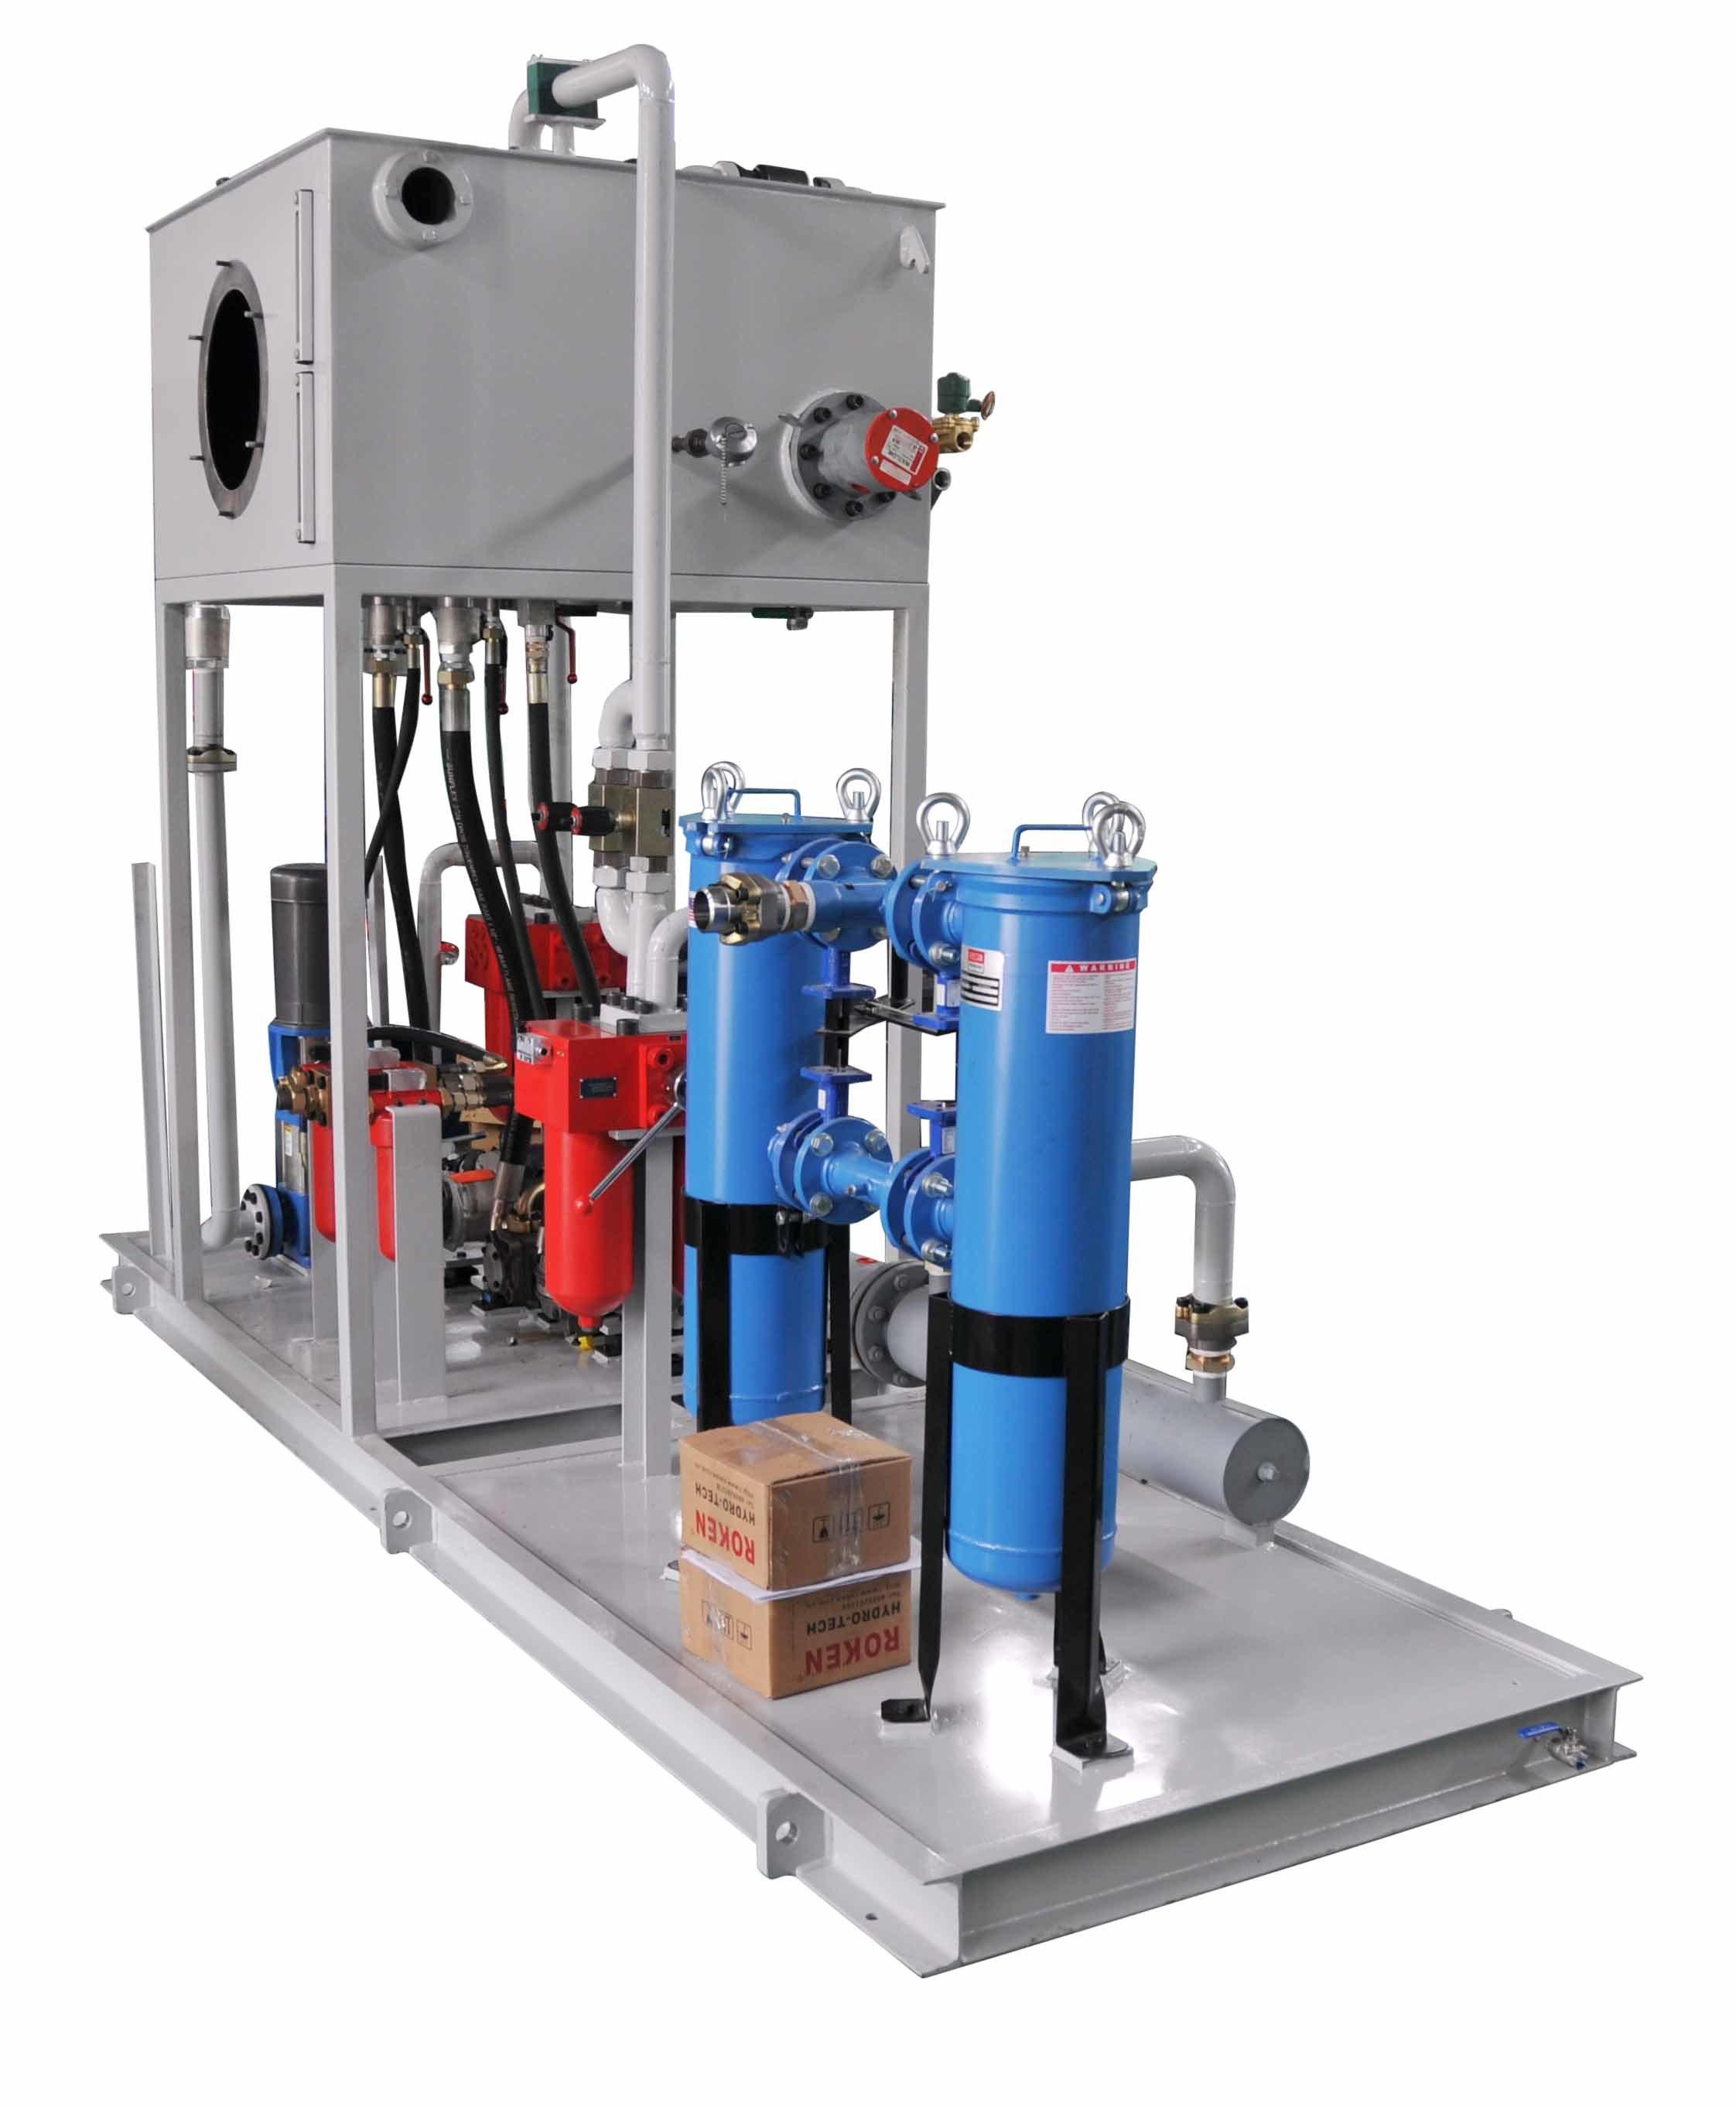 Hydraulic Lubrication System for Hydraulic Industry